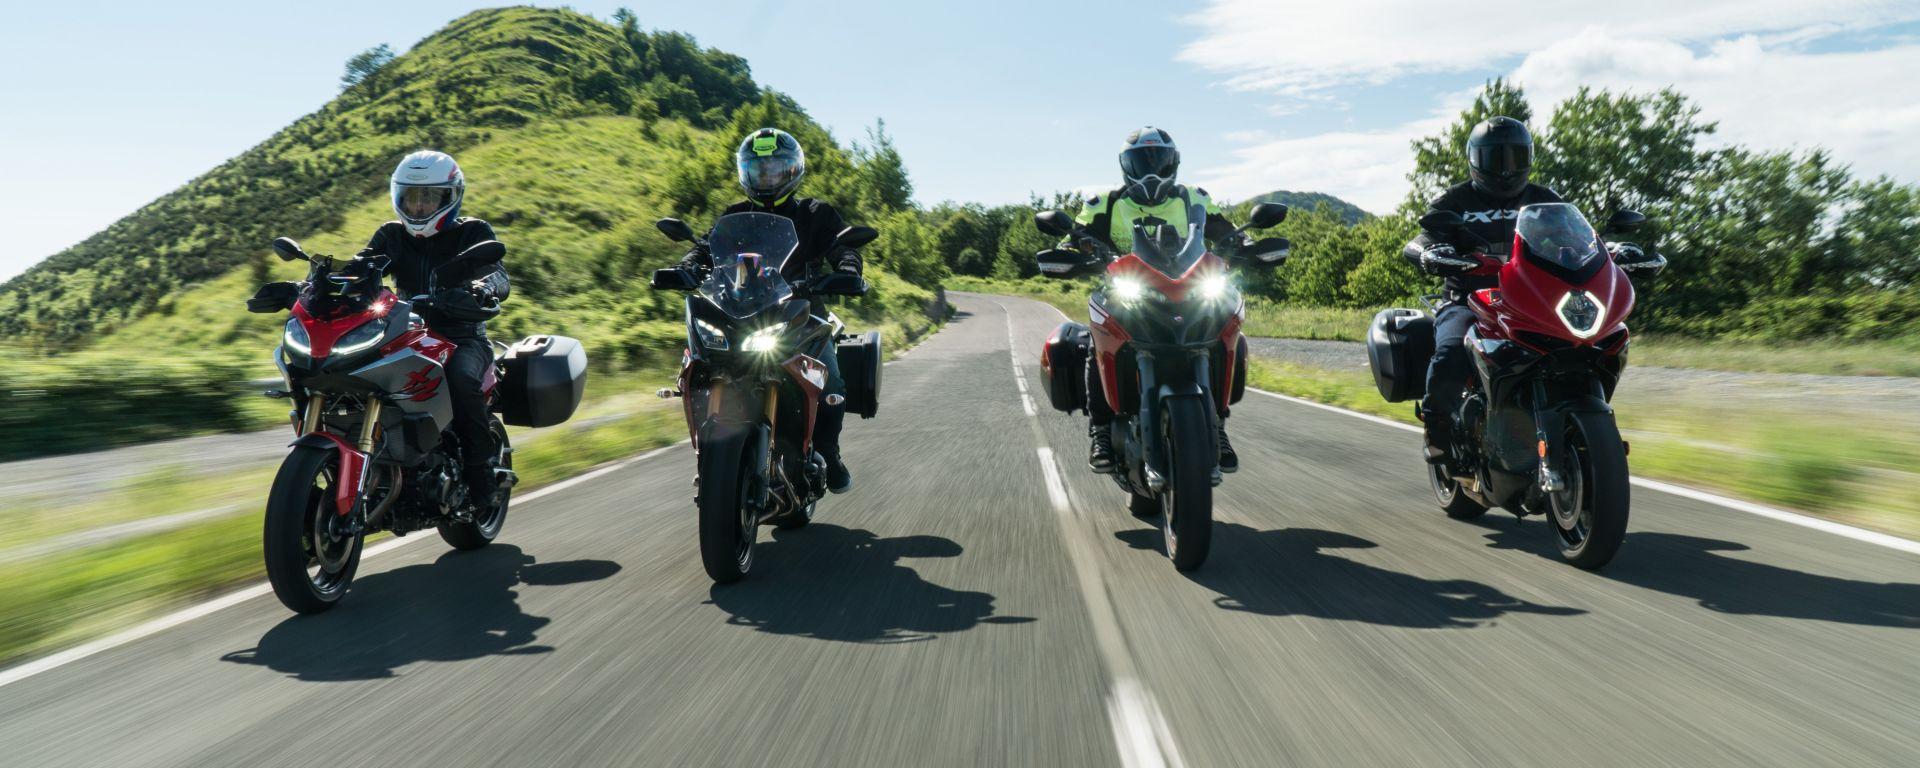 Comparativa Crossover: qual è la migliore?